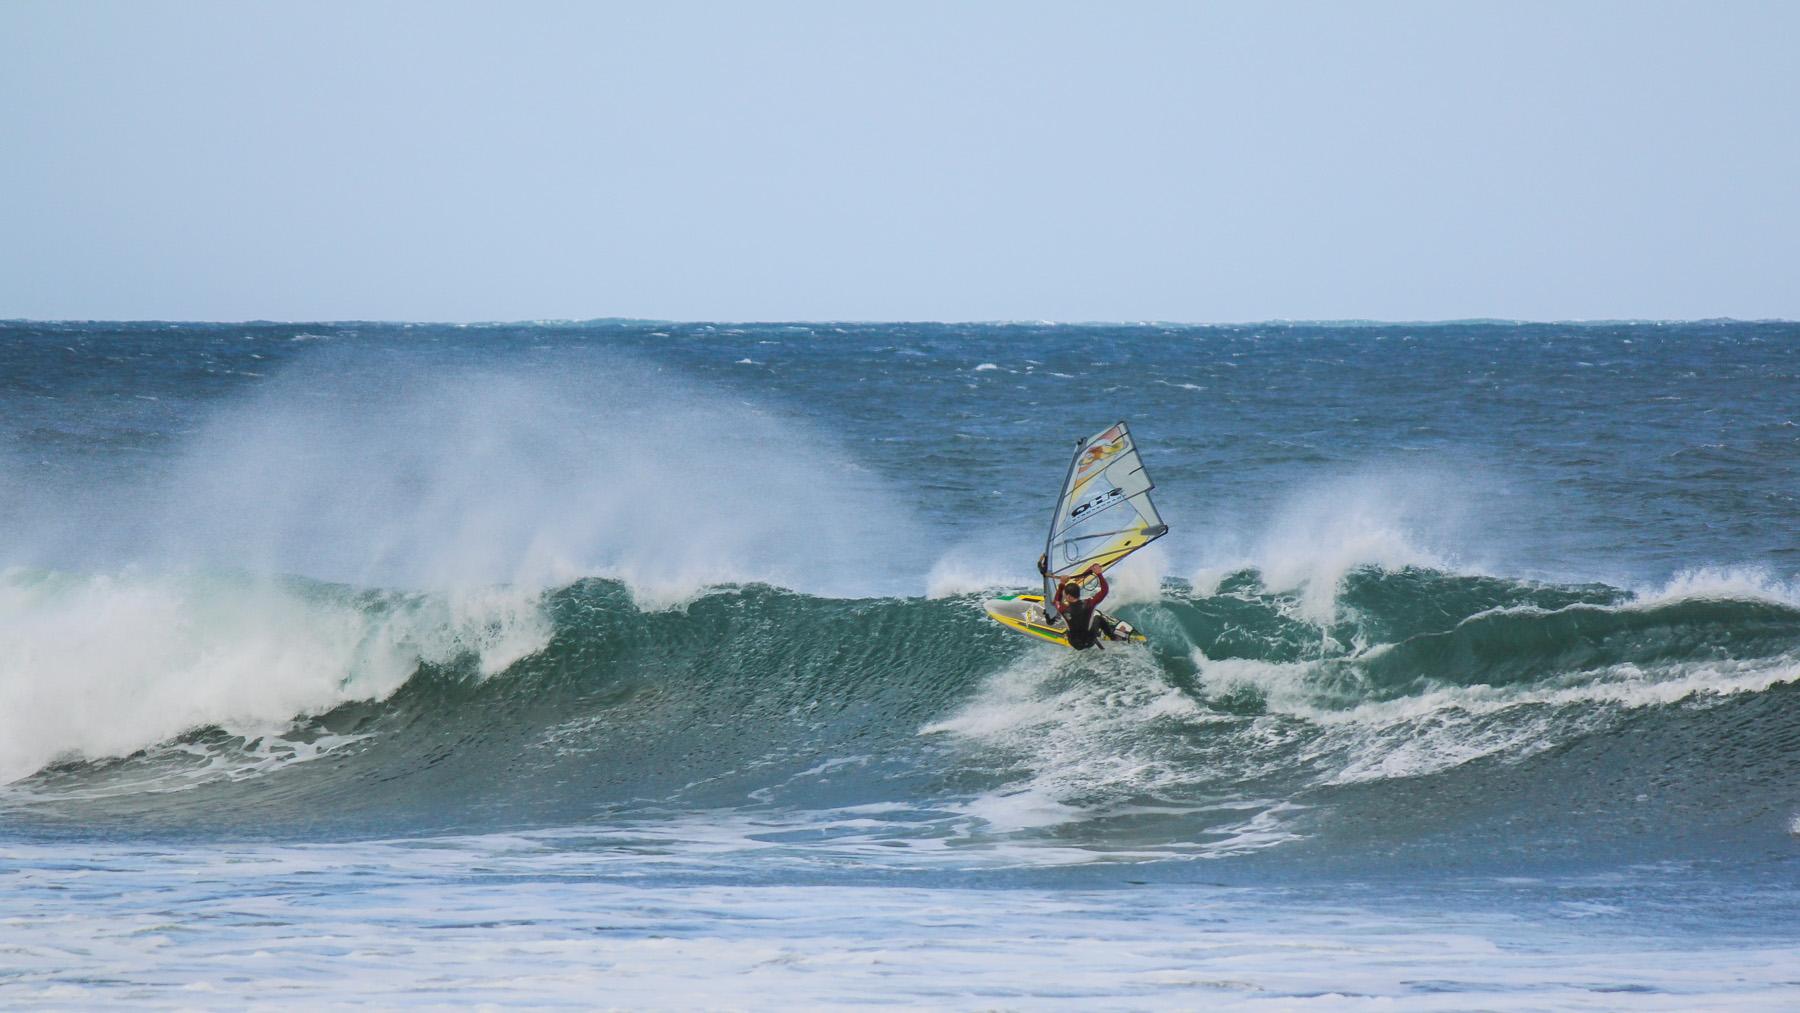 alastair mcleod windsurfing 13th beach poo point